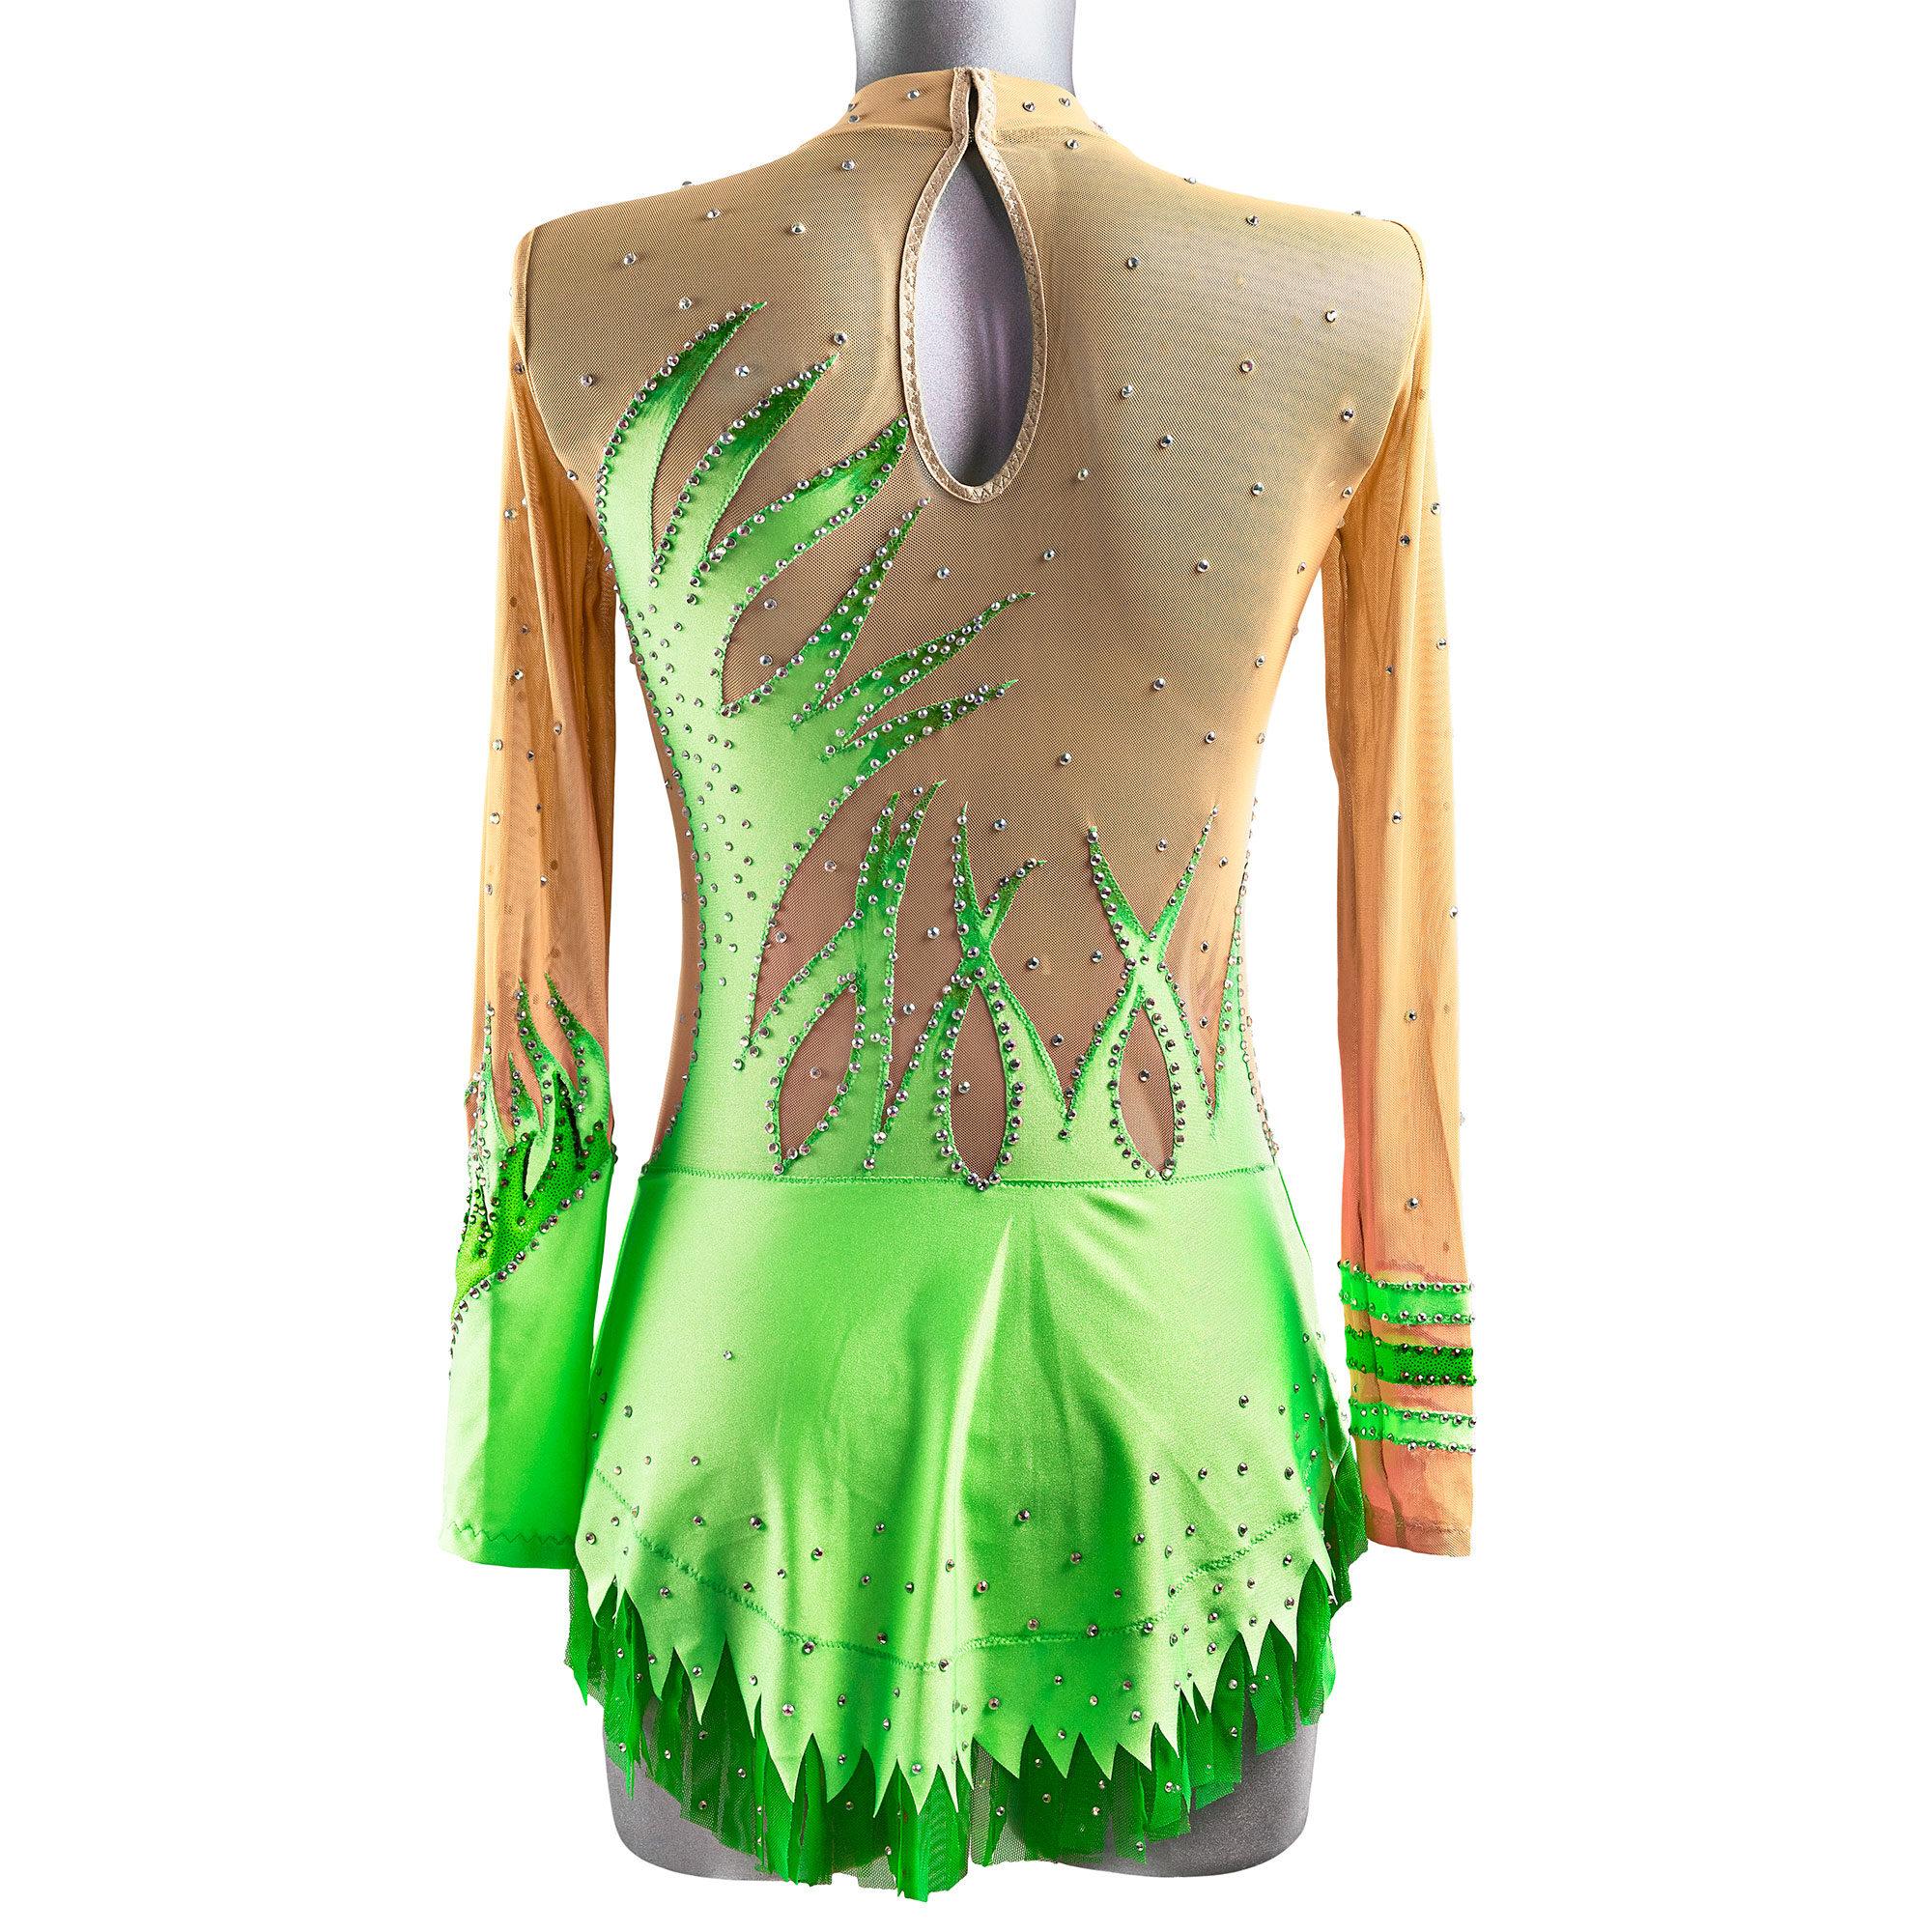 Rhythmic Gymnastics Leotard 199 for competitions